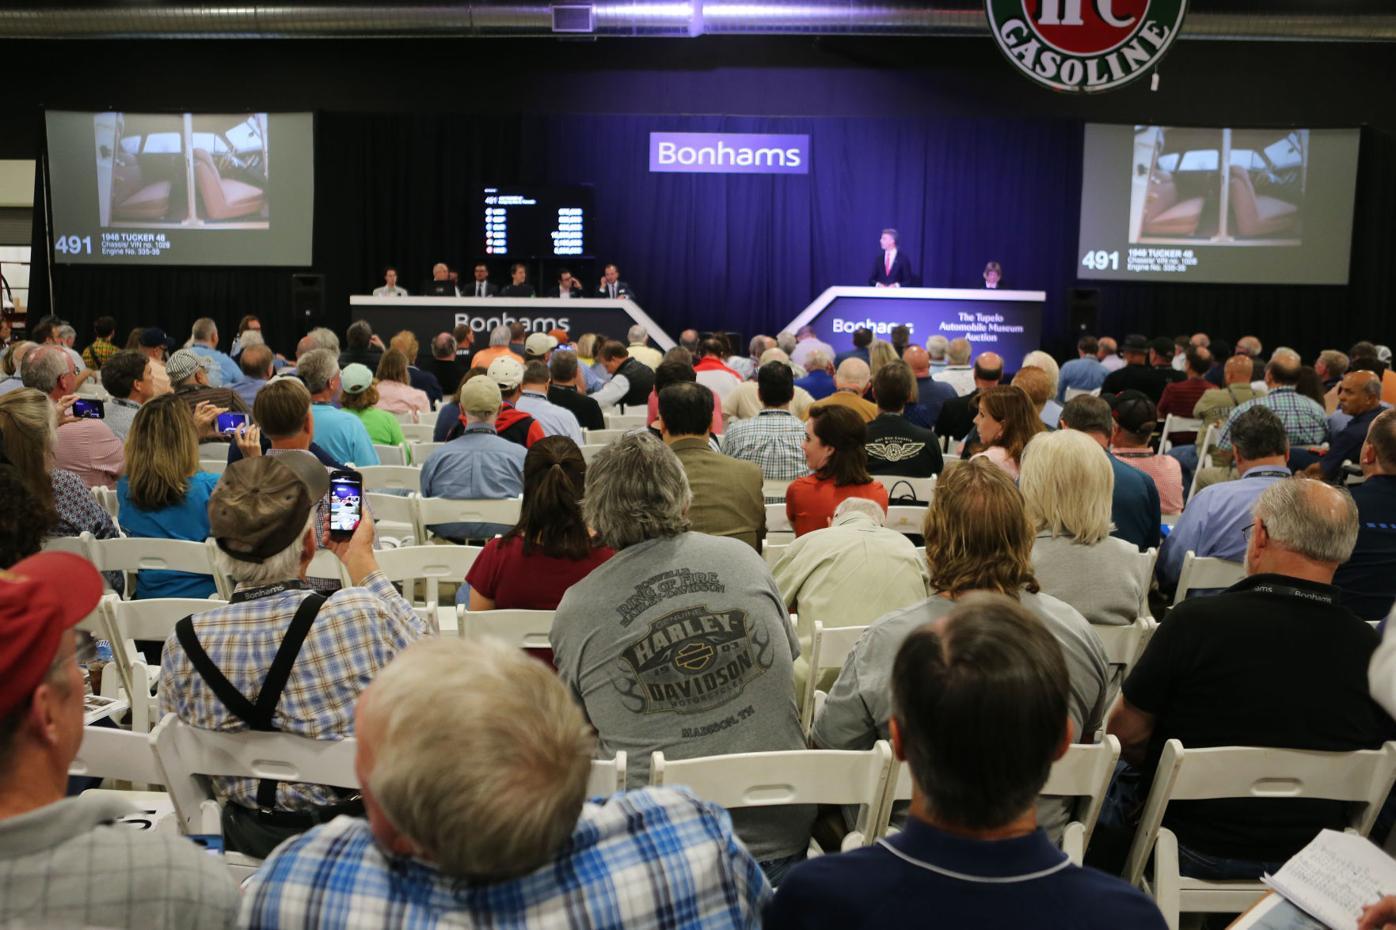 djr-2019-04-28-news-bonhams-car-auction-arp3